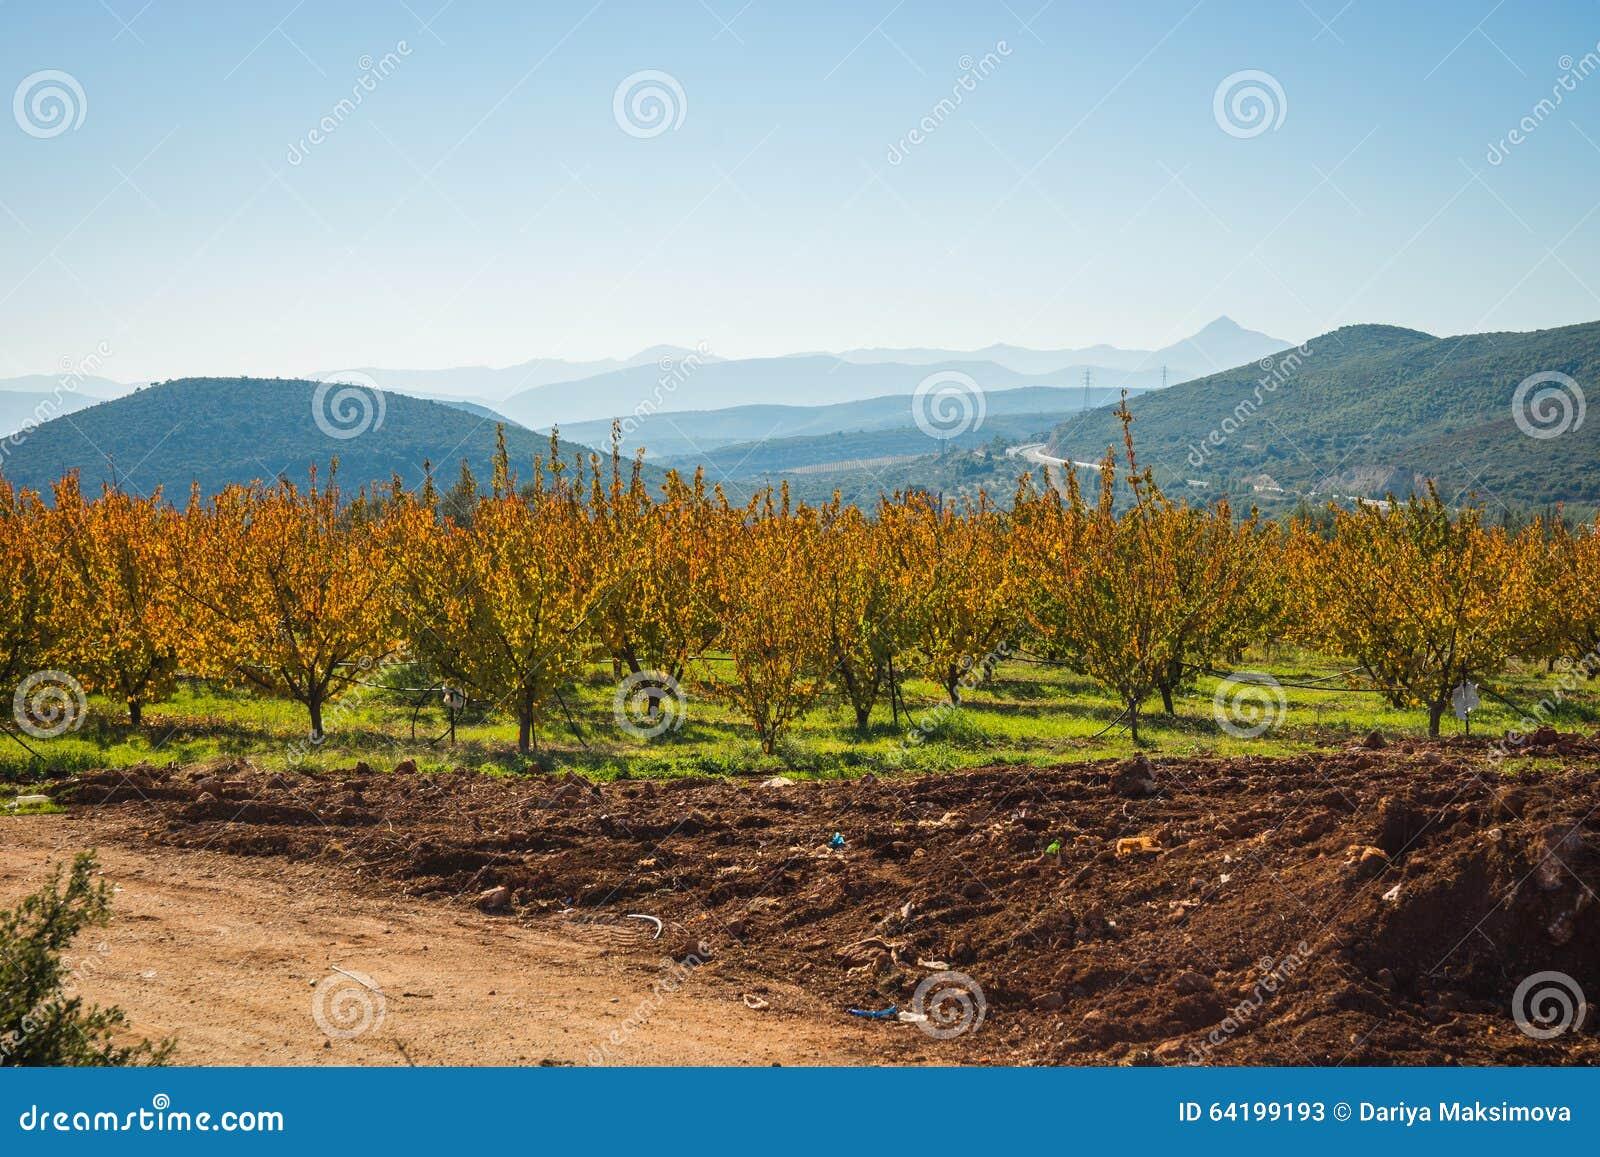 Alberi da frutto autunno su un pendio di collina nel for Alberi da frutto prezzi